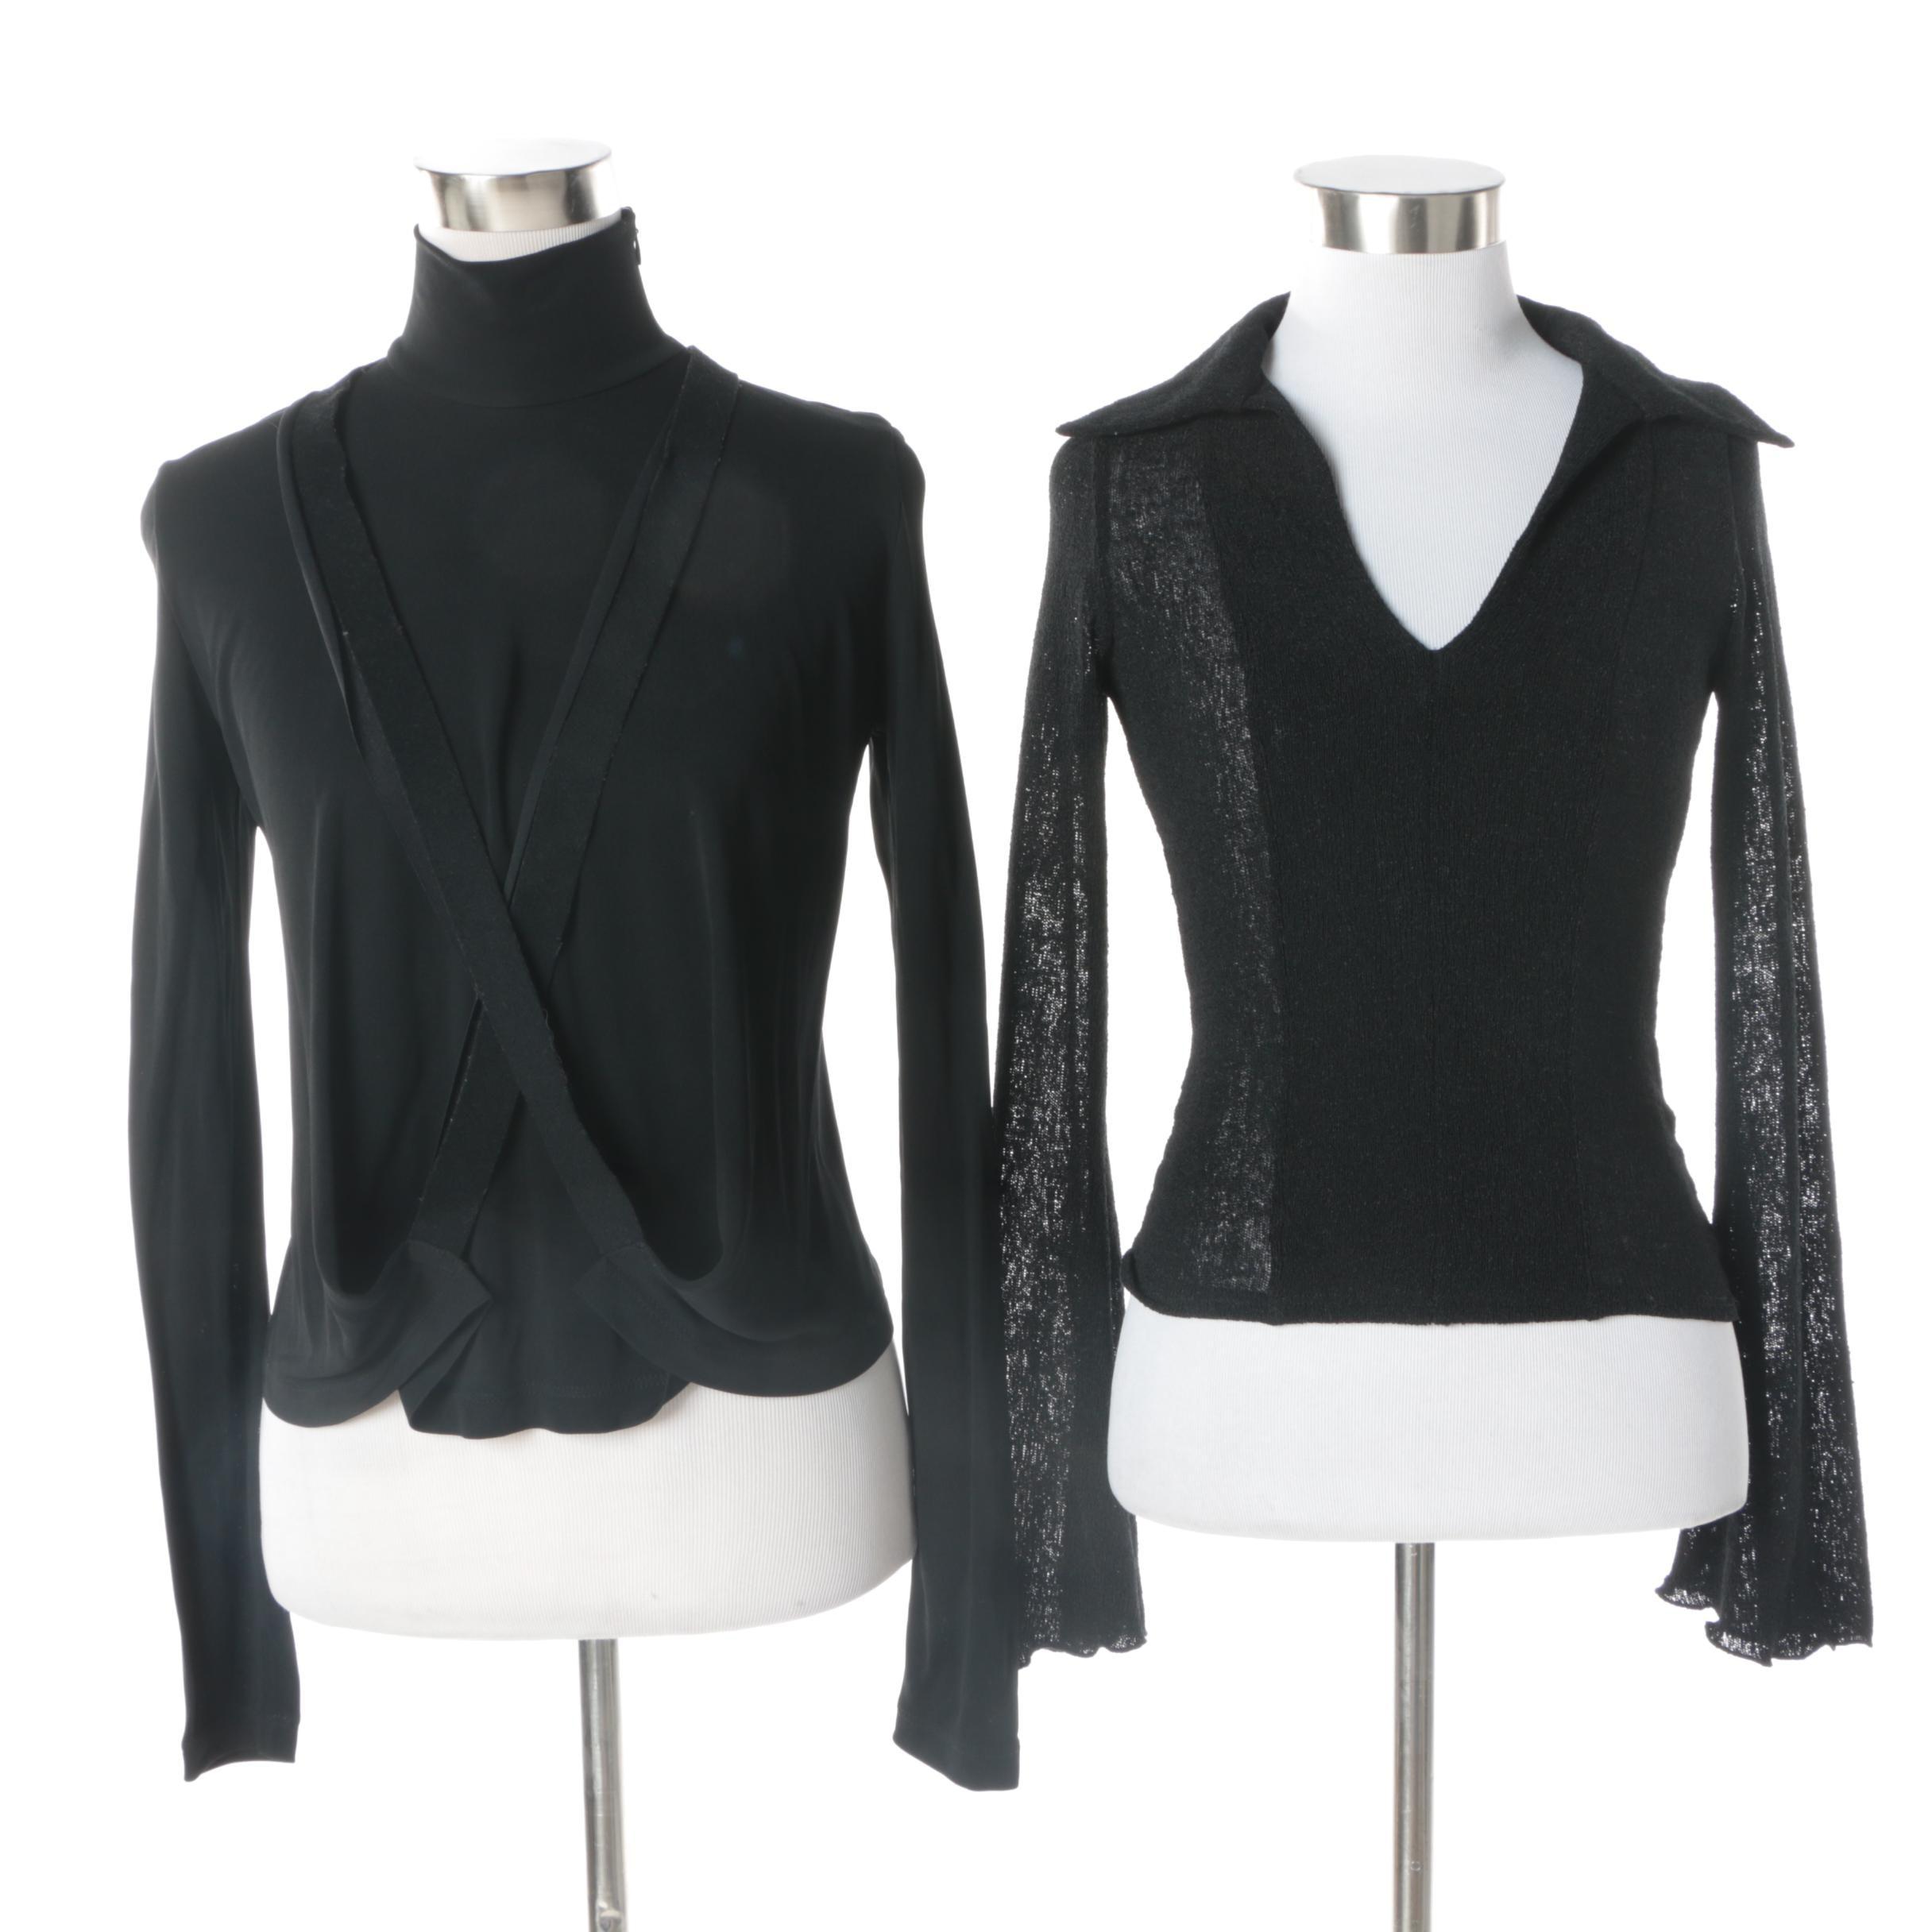 Women's Black Long Sleeve Tops Including Jean Paul Gaultier